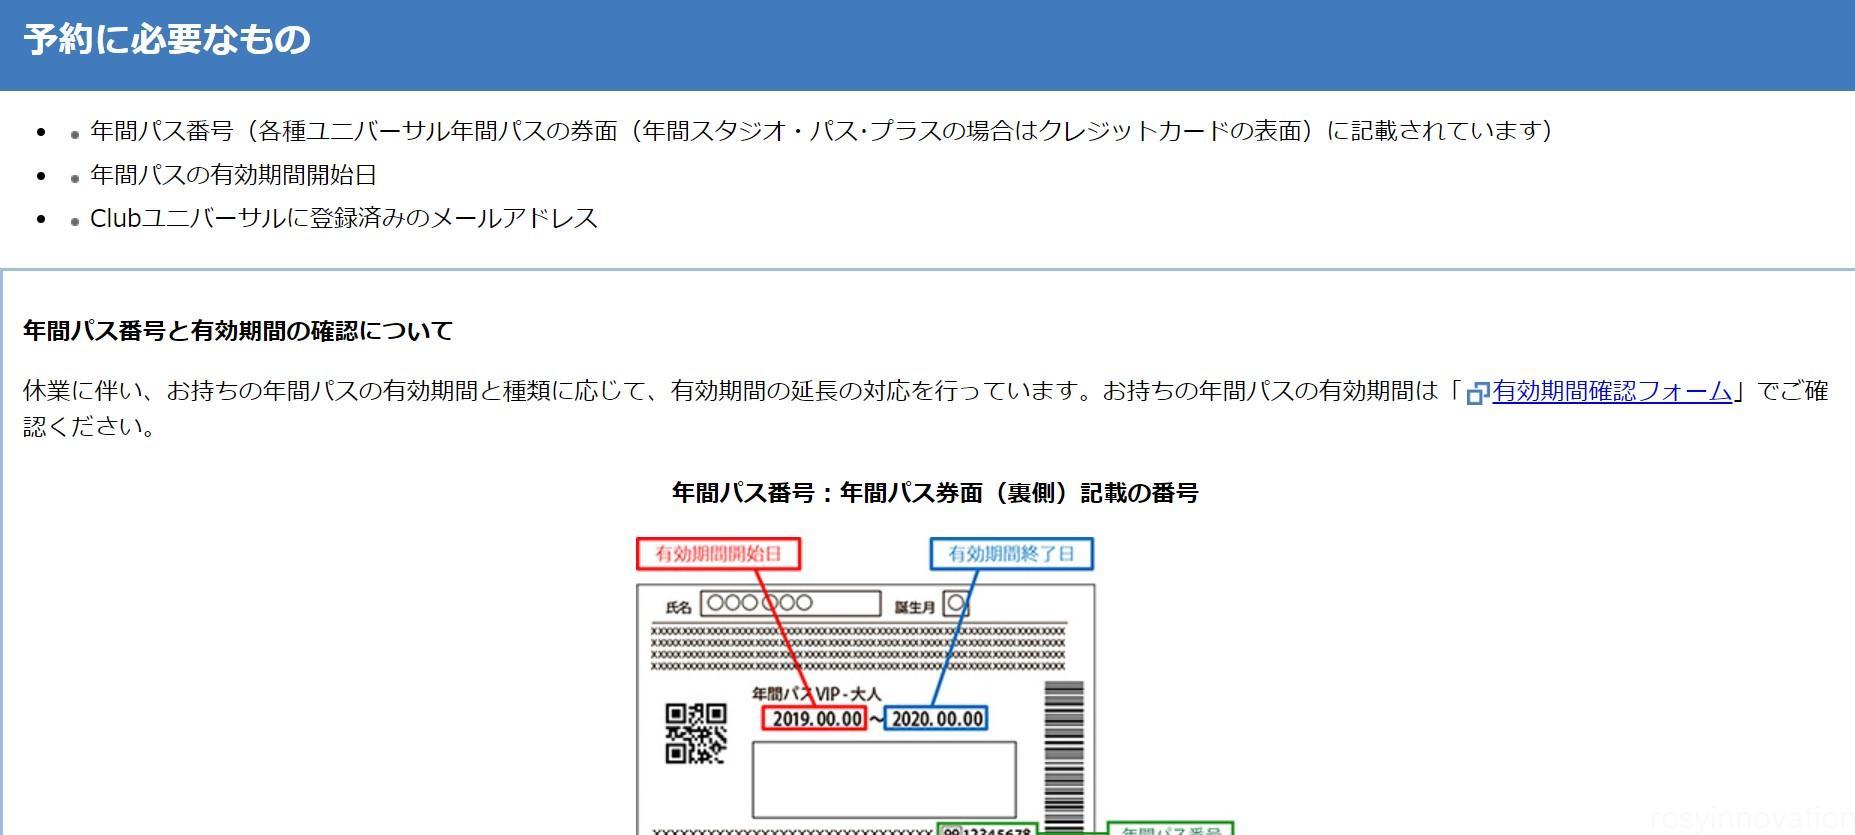 USJ年パス入場予約券の取り方 (2)